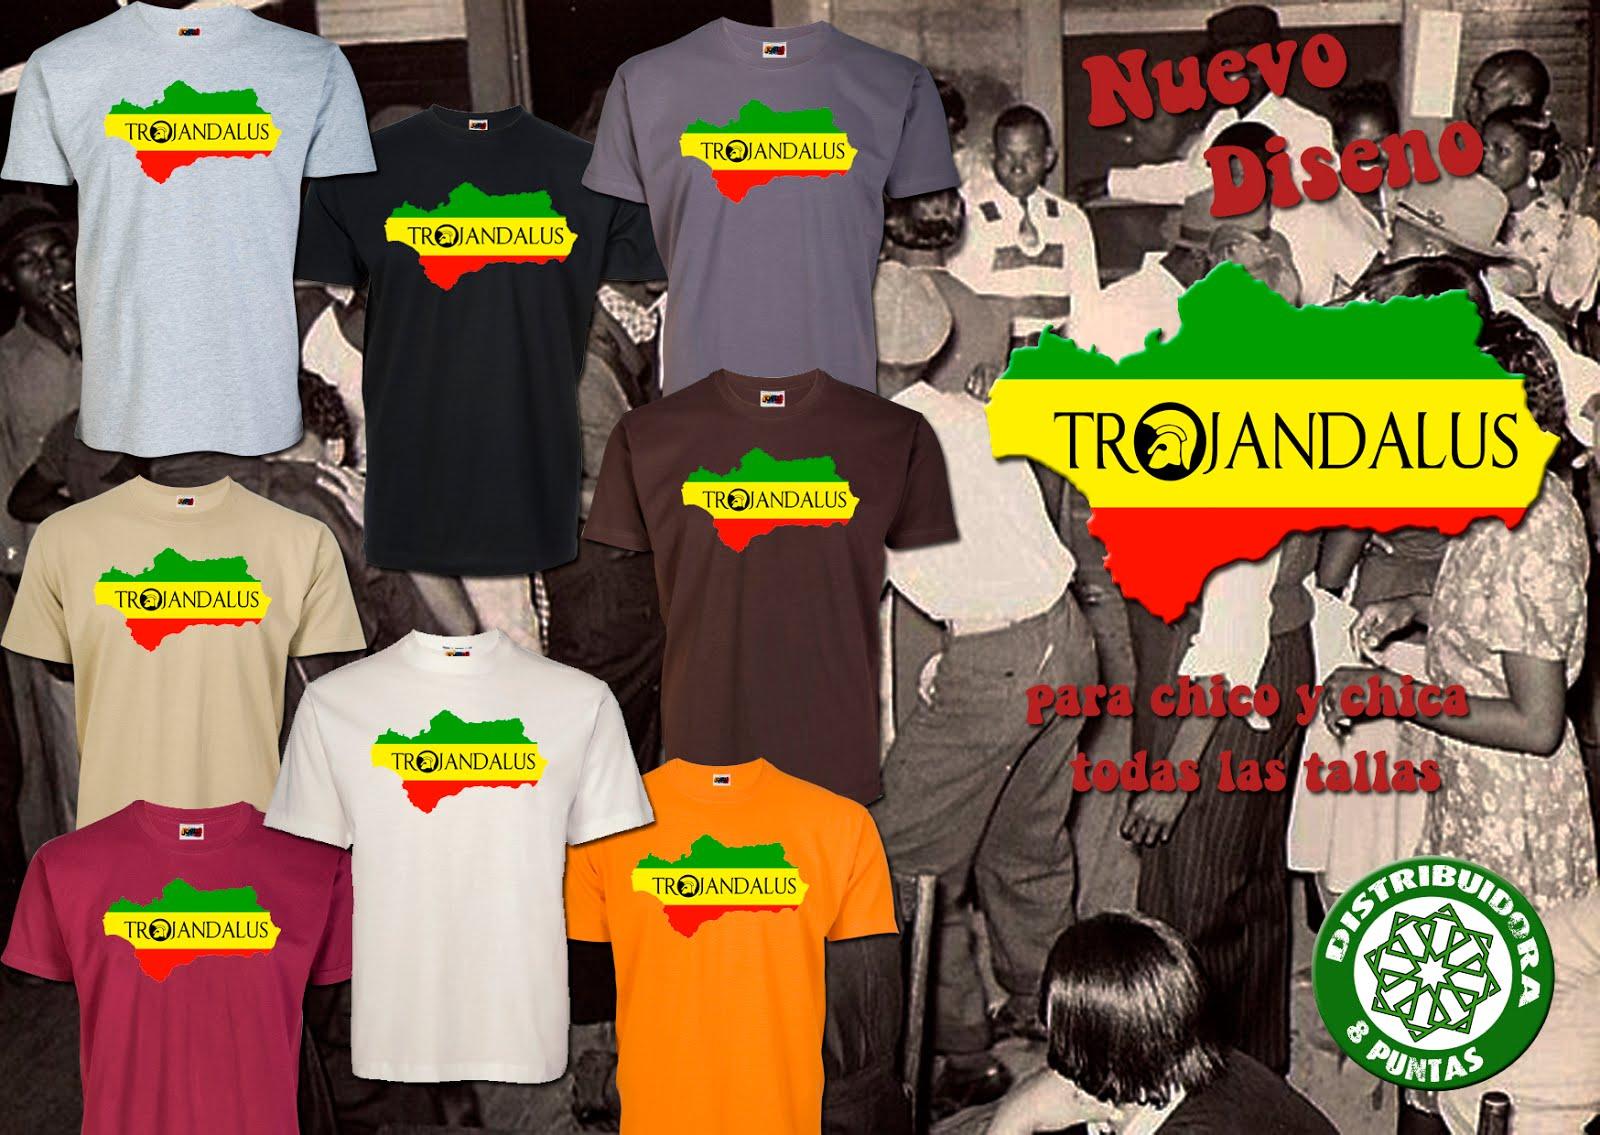 Camisetas Trojandalus